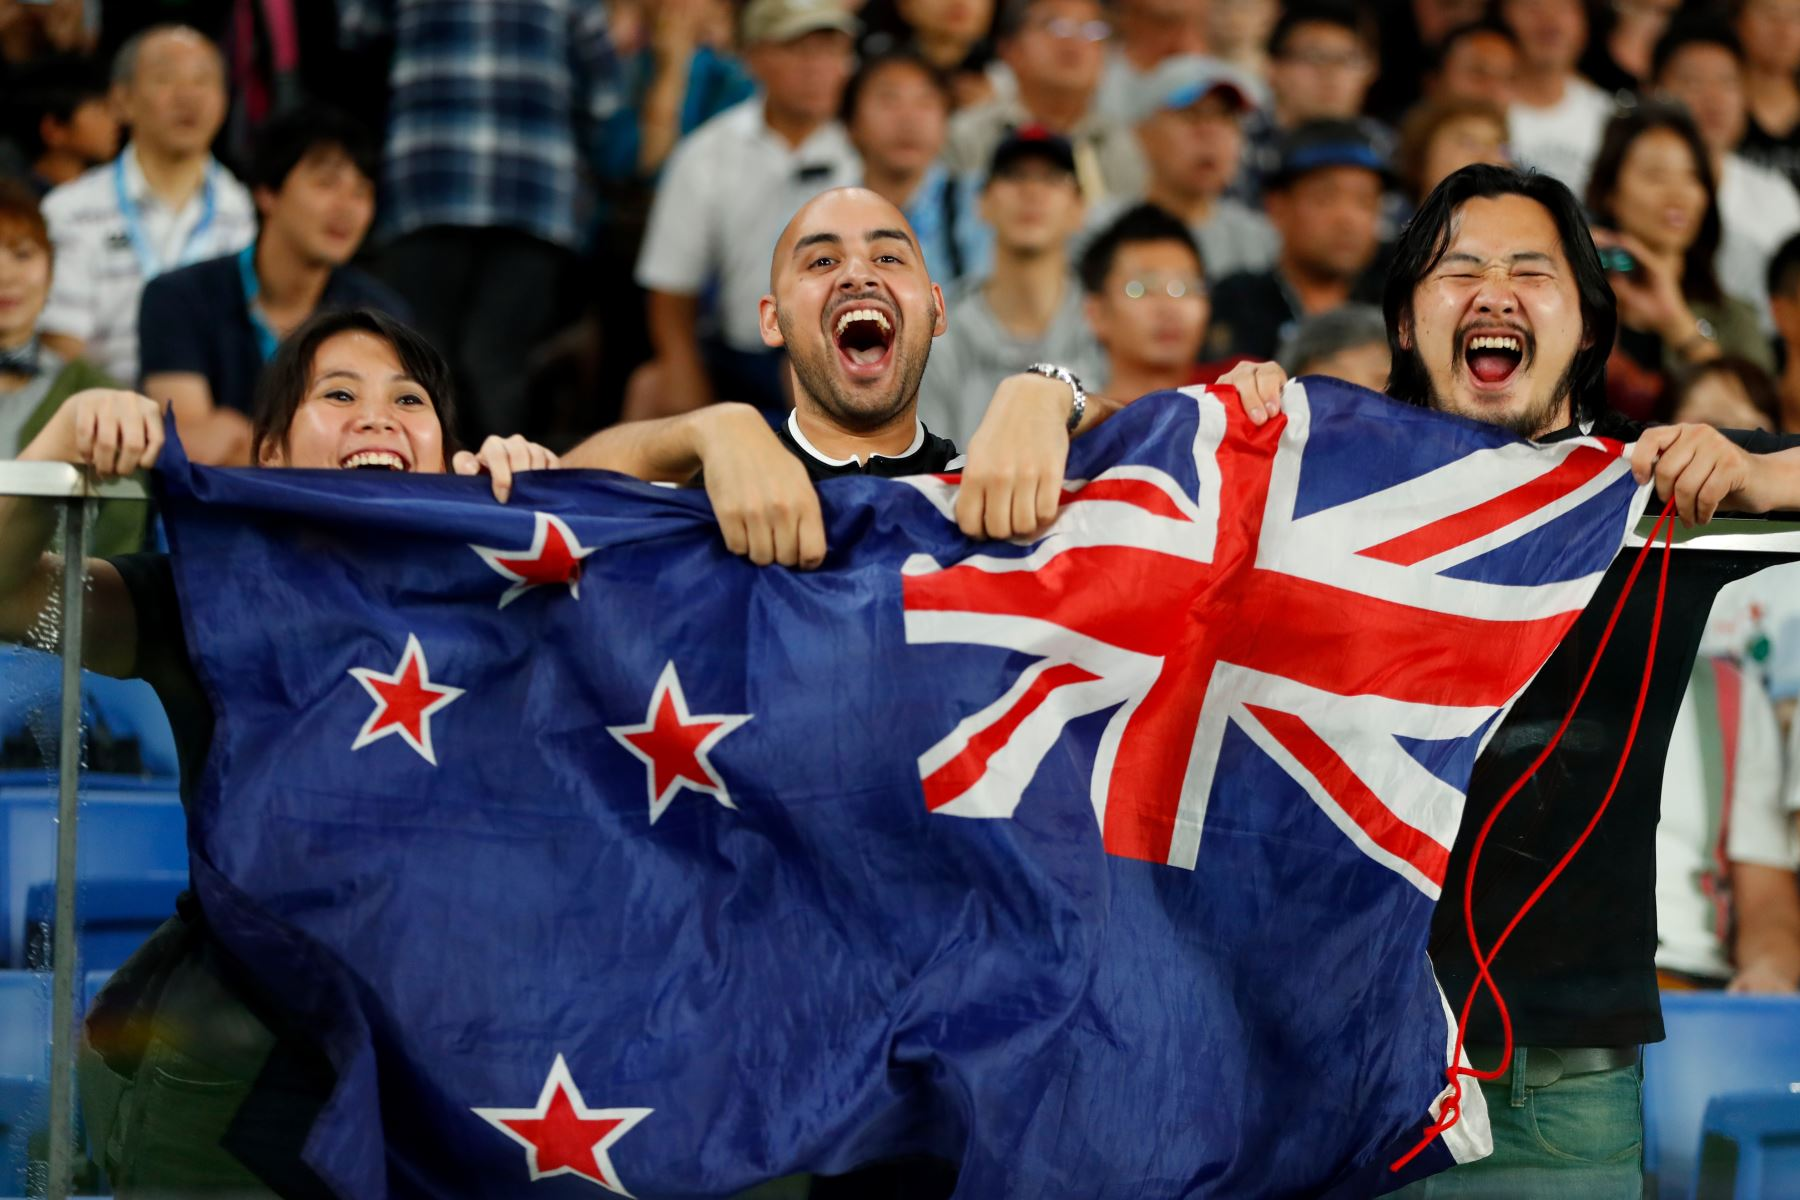 Los fanáticos de Nueva Zelanda animan al equipo durante el partido de la Copa Mundial de Rugby de Japón 2019 Grupo B entre Nueva Zelanda y Sudáfrica en el Estadio Internacional de Yokohama. Foto:AFP